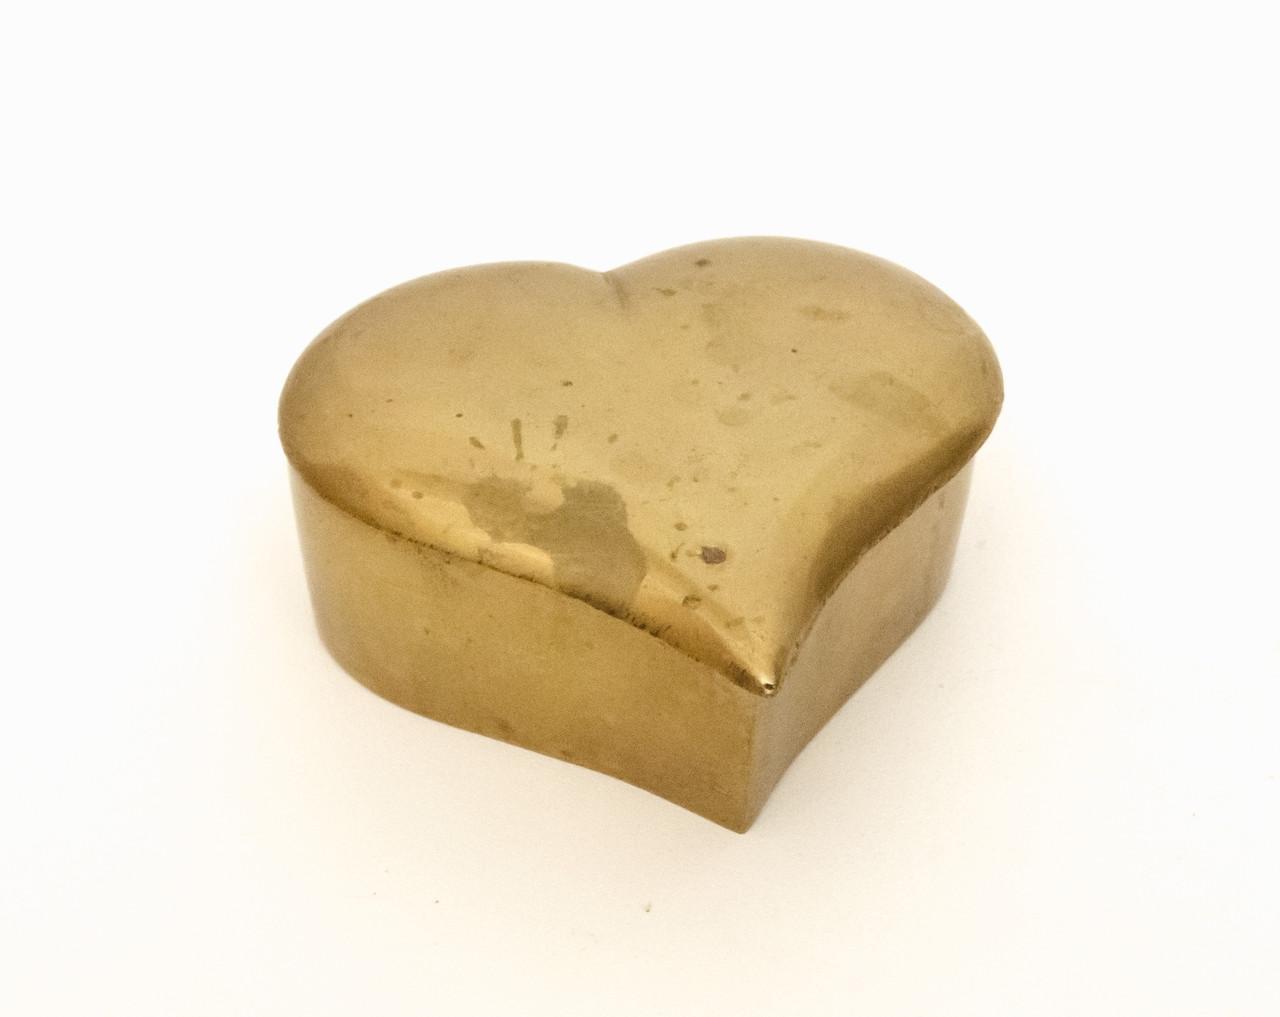 Стара шкатулка, латунь ,Німеччина, серце, 8 см